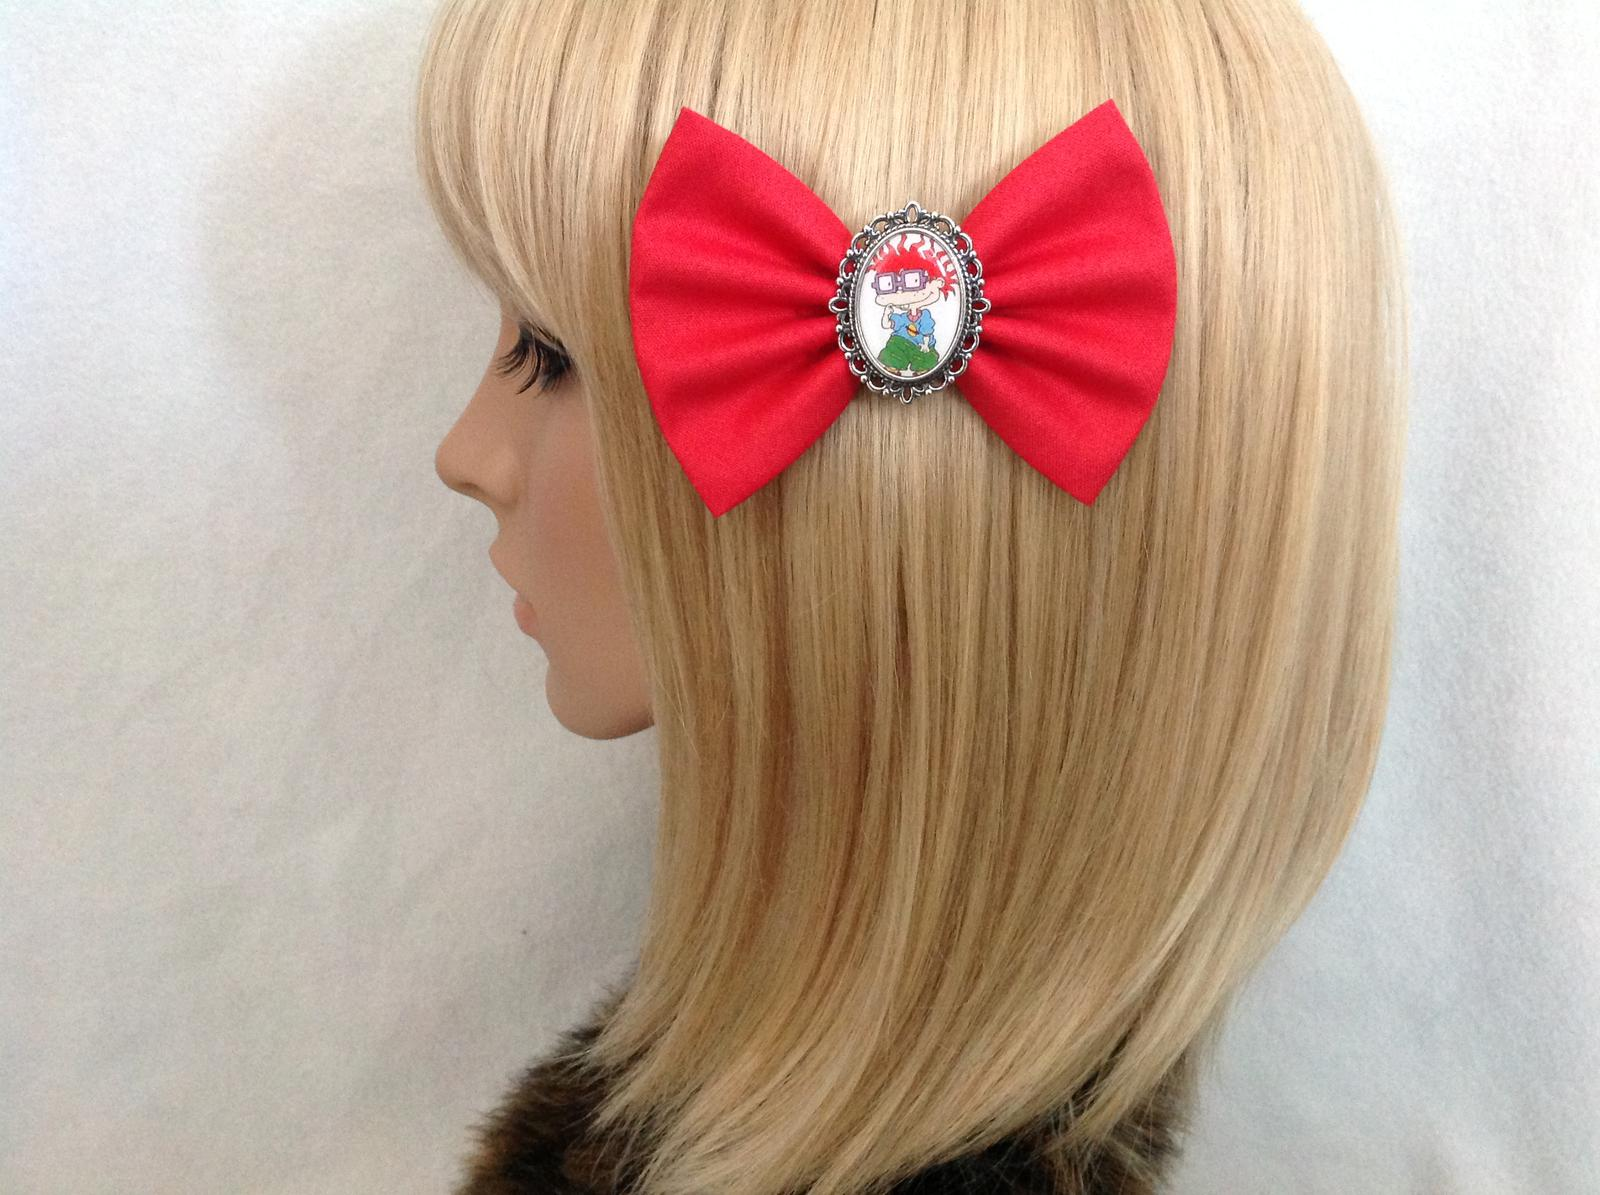 Rugrats Chucky hair bow